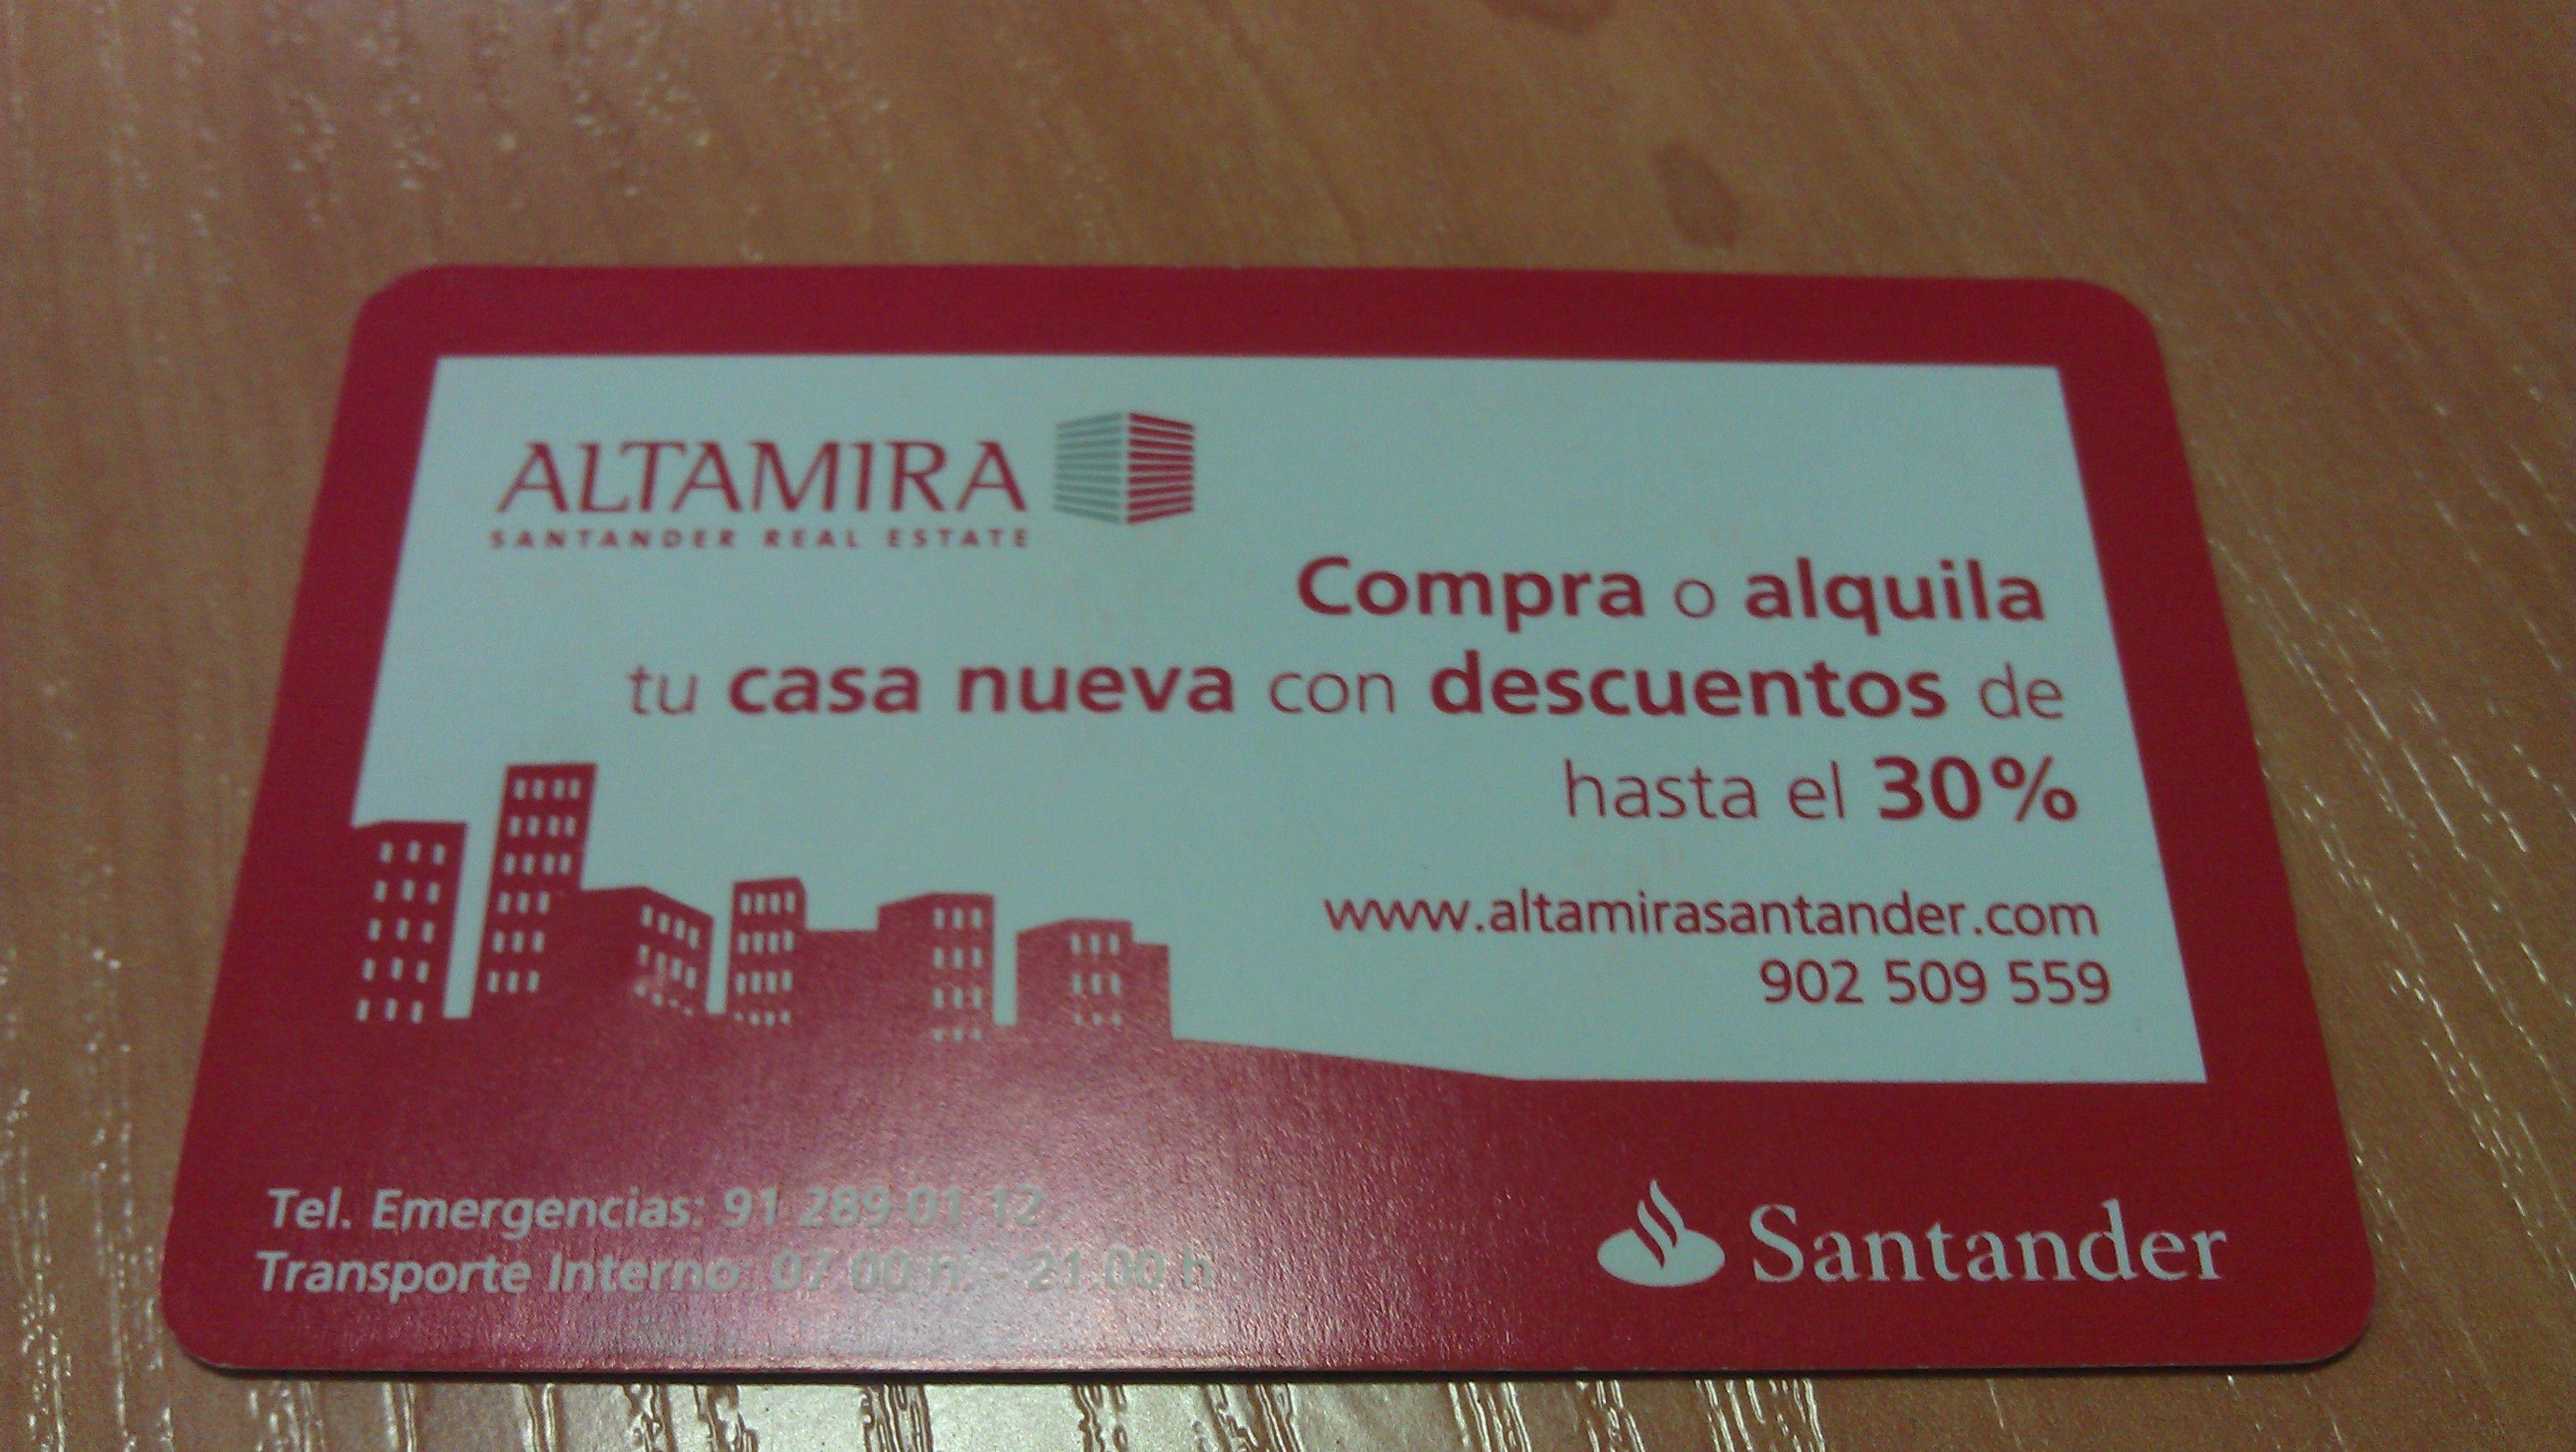 Tarjeta De Visitante Con Reclamo De Altamira Santander Tarjeta Compras Alquiler